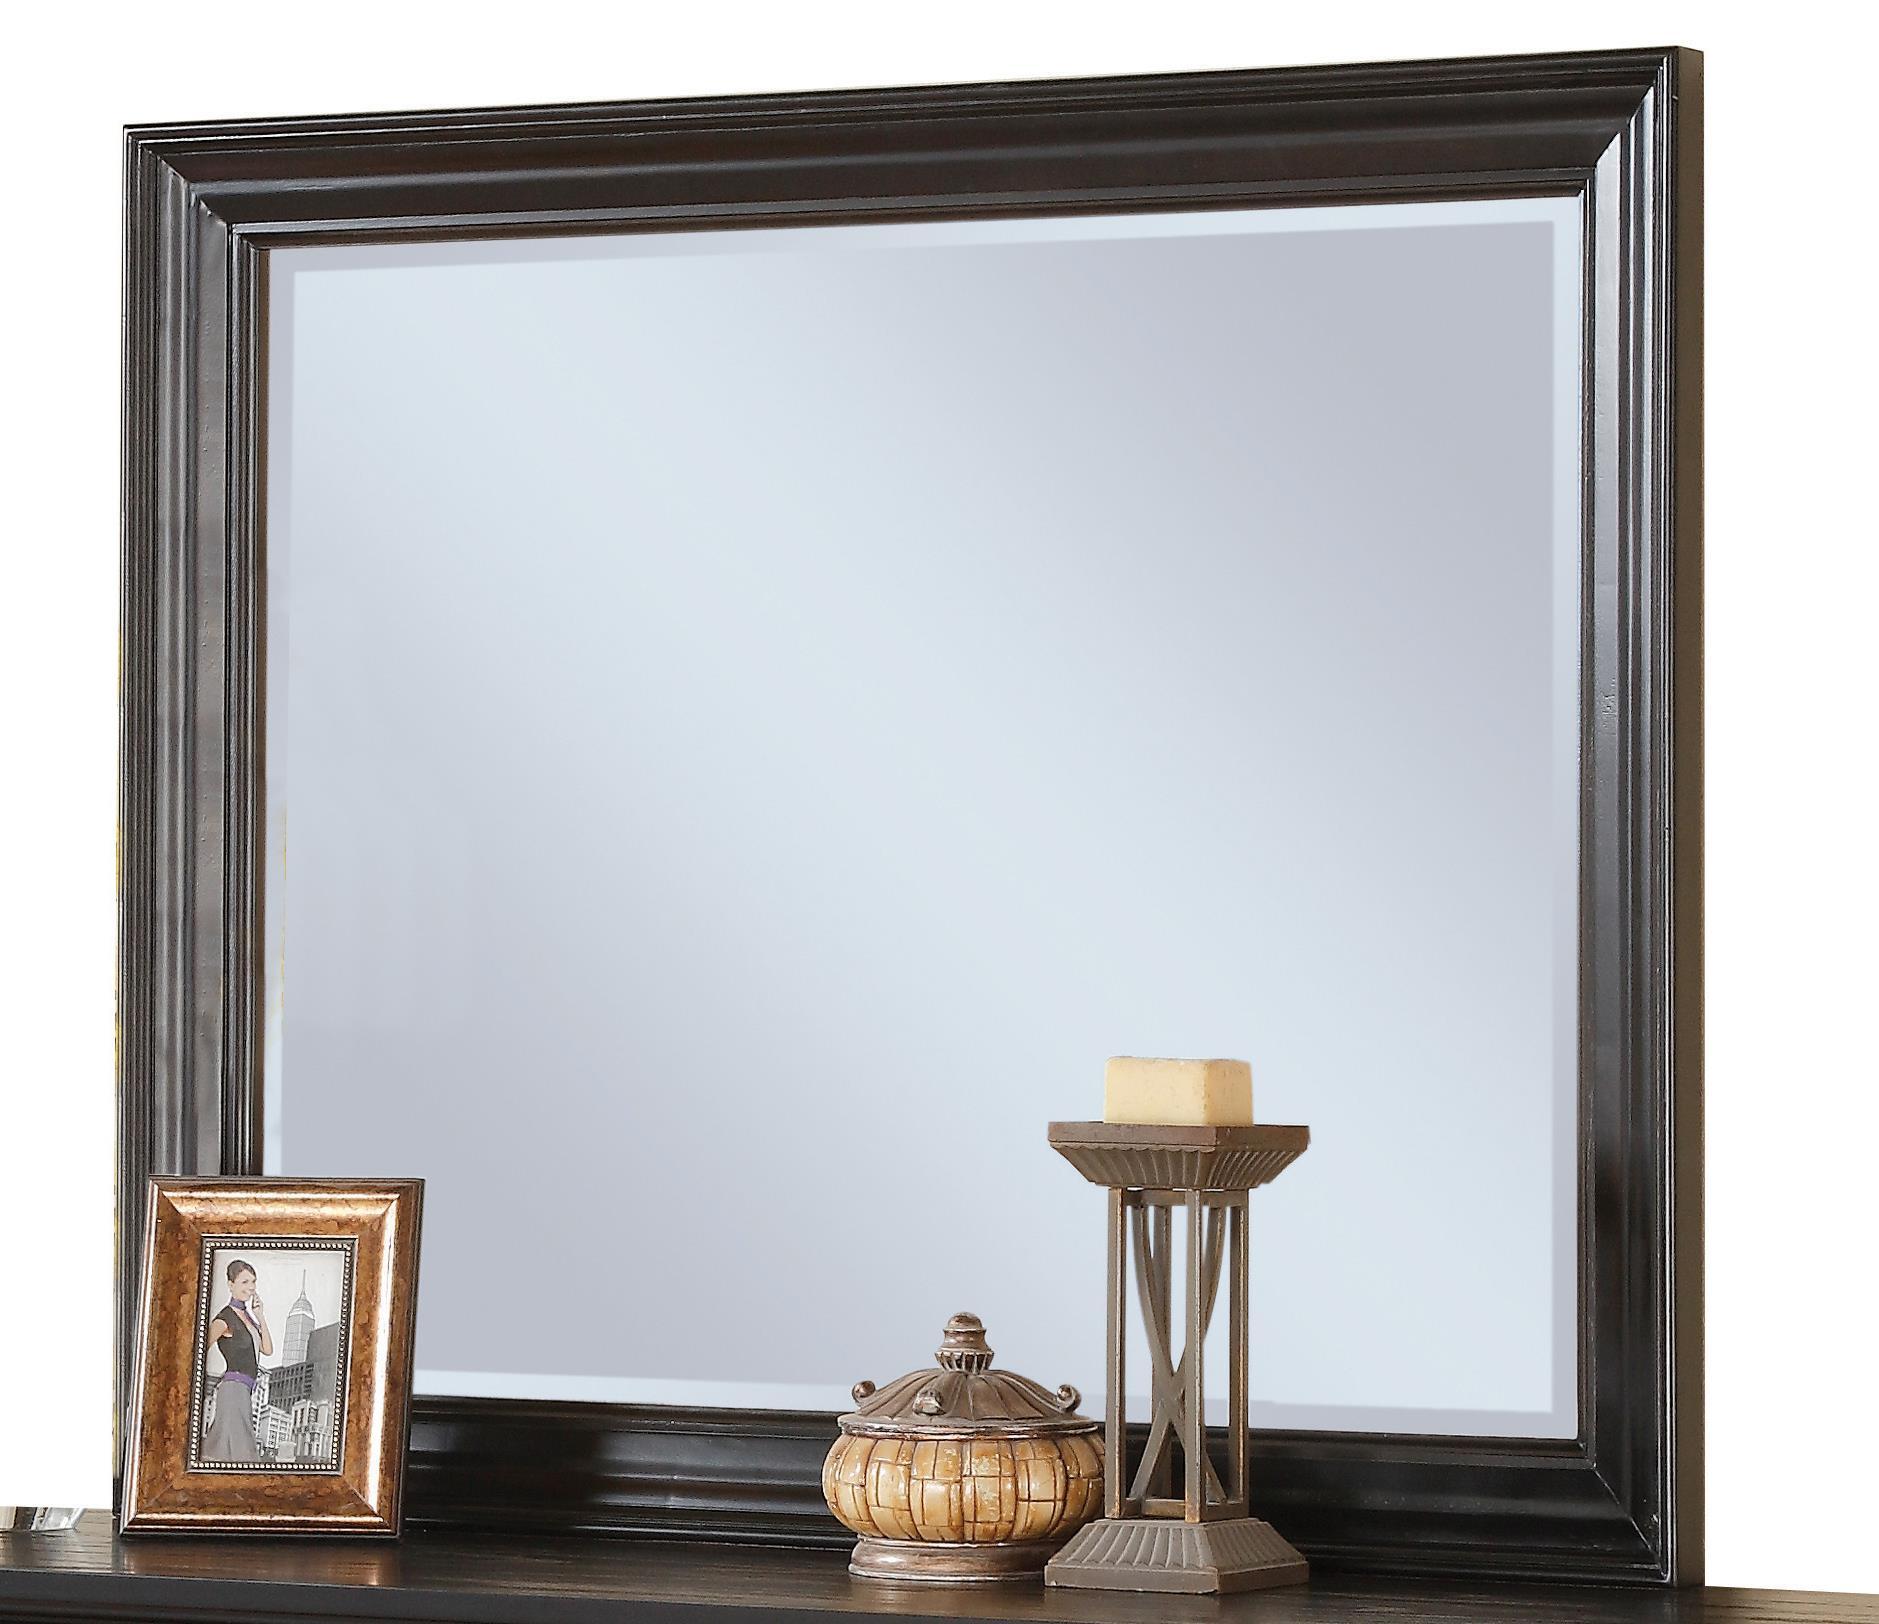 Riverside Furniture Belmeade Landscape Mirror - Item Number: 15963